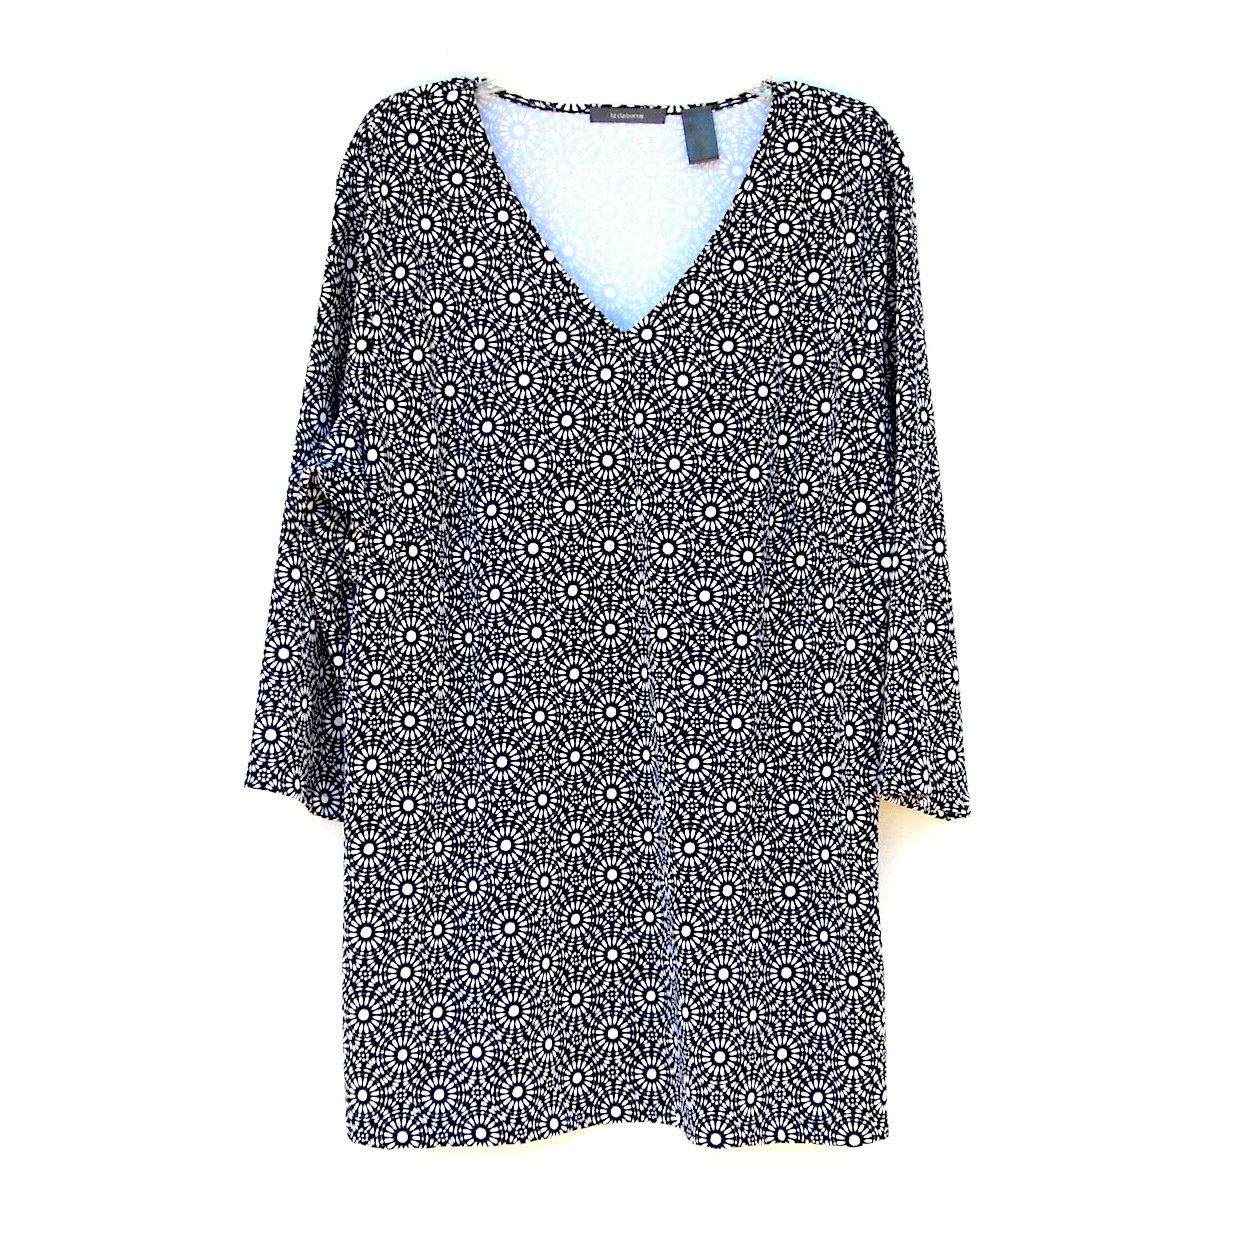 Liz Claiborne Womens Long Blouse Top Plus Size 2X